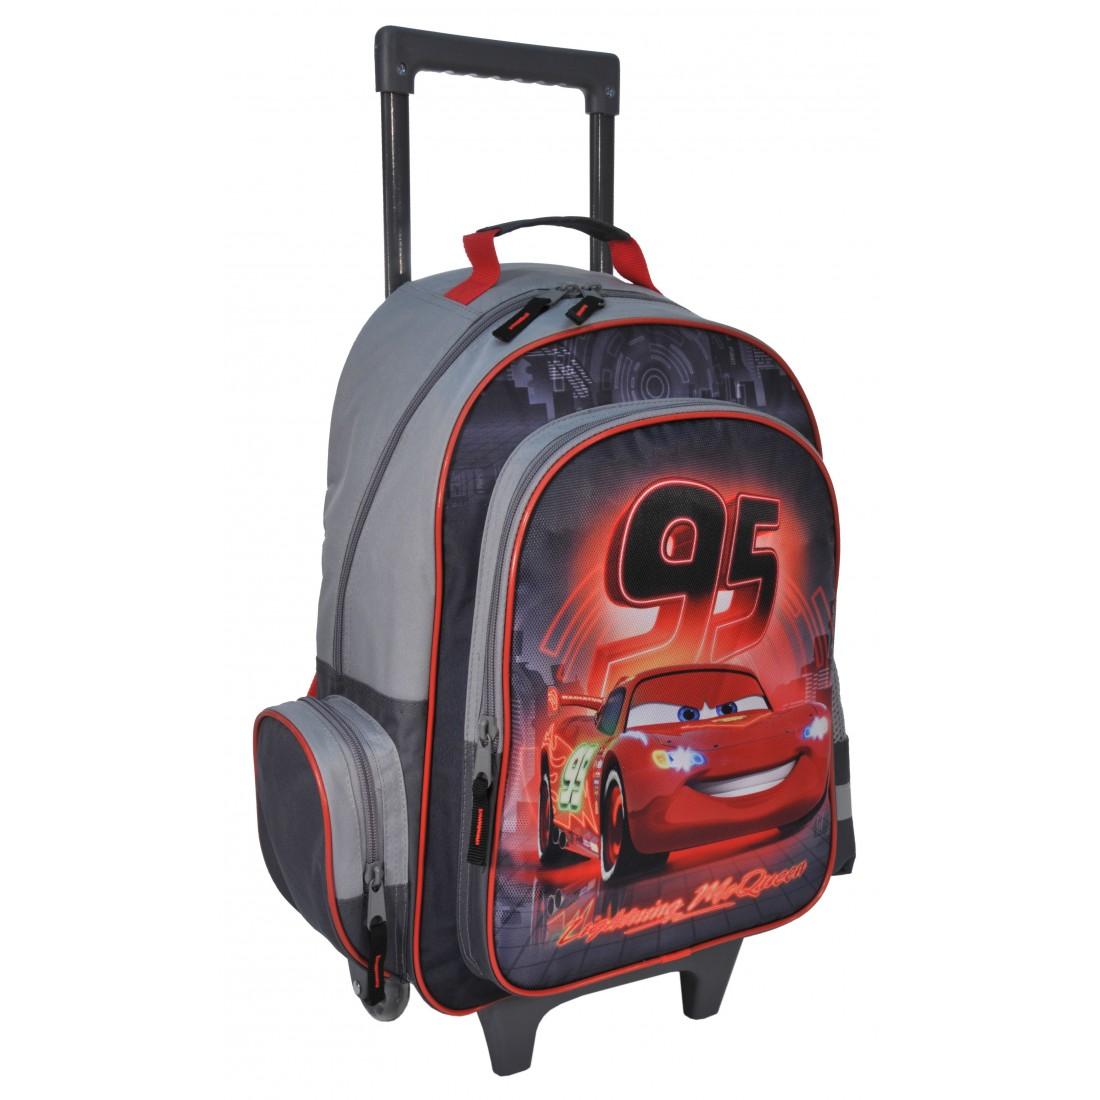 Plecak na kółkach Auta Cars - plecak-tornister.pl